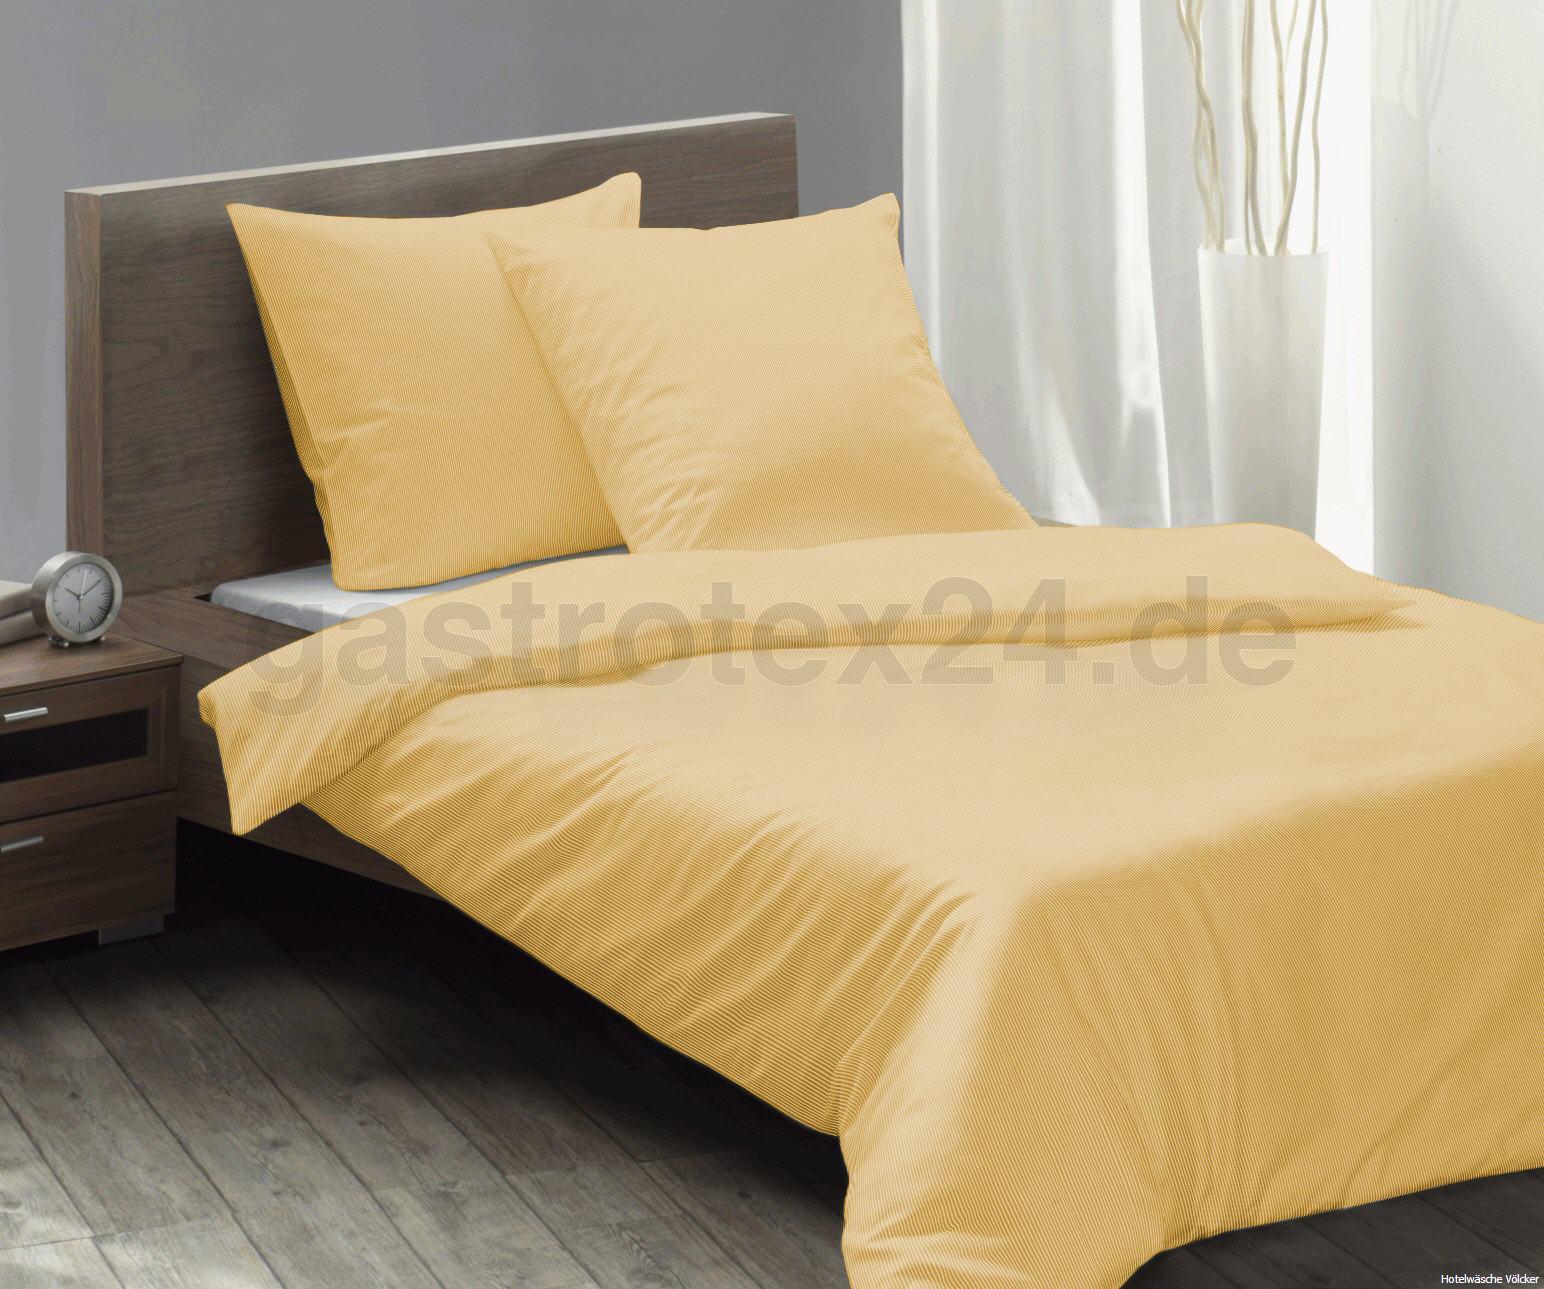 damast bettw sche como 2 mm farbig gastrotex ihr hotelw sche gro handel professionelle. Black Bedroom Furniture Sets. Home Design Ideas